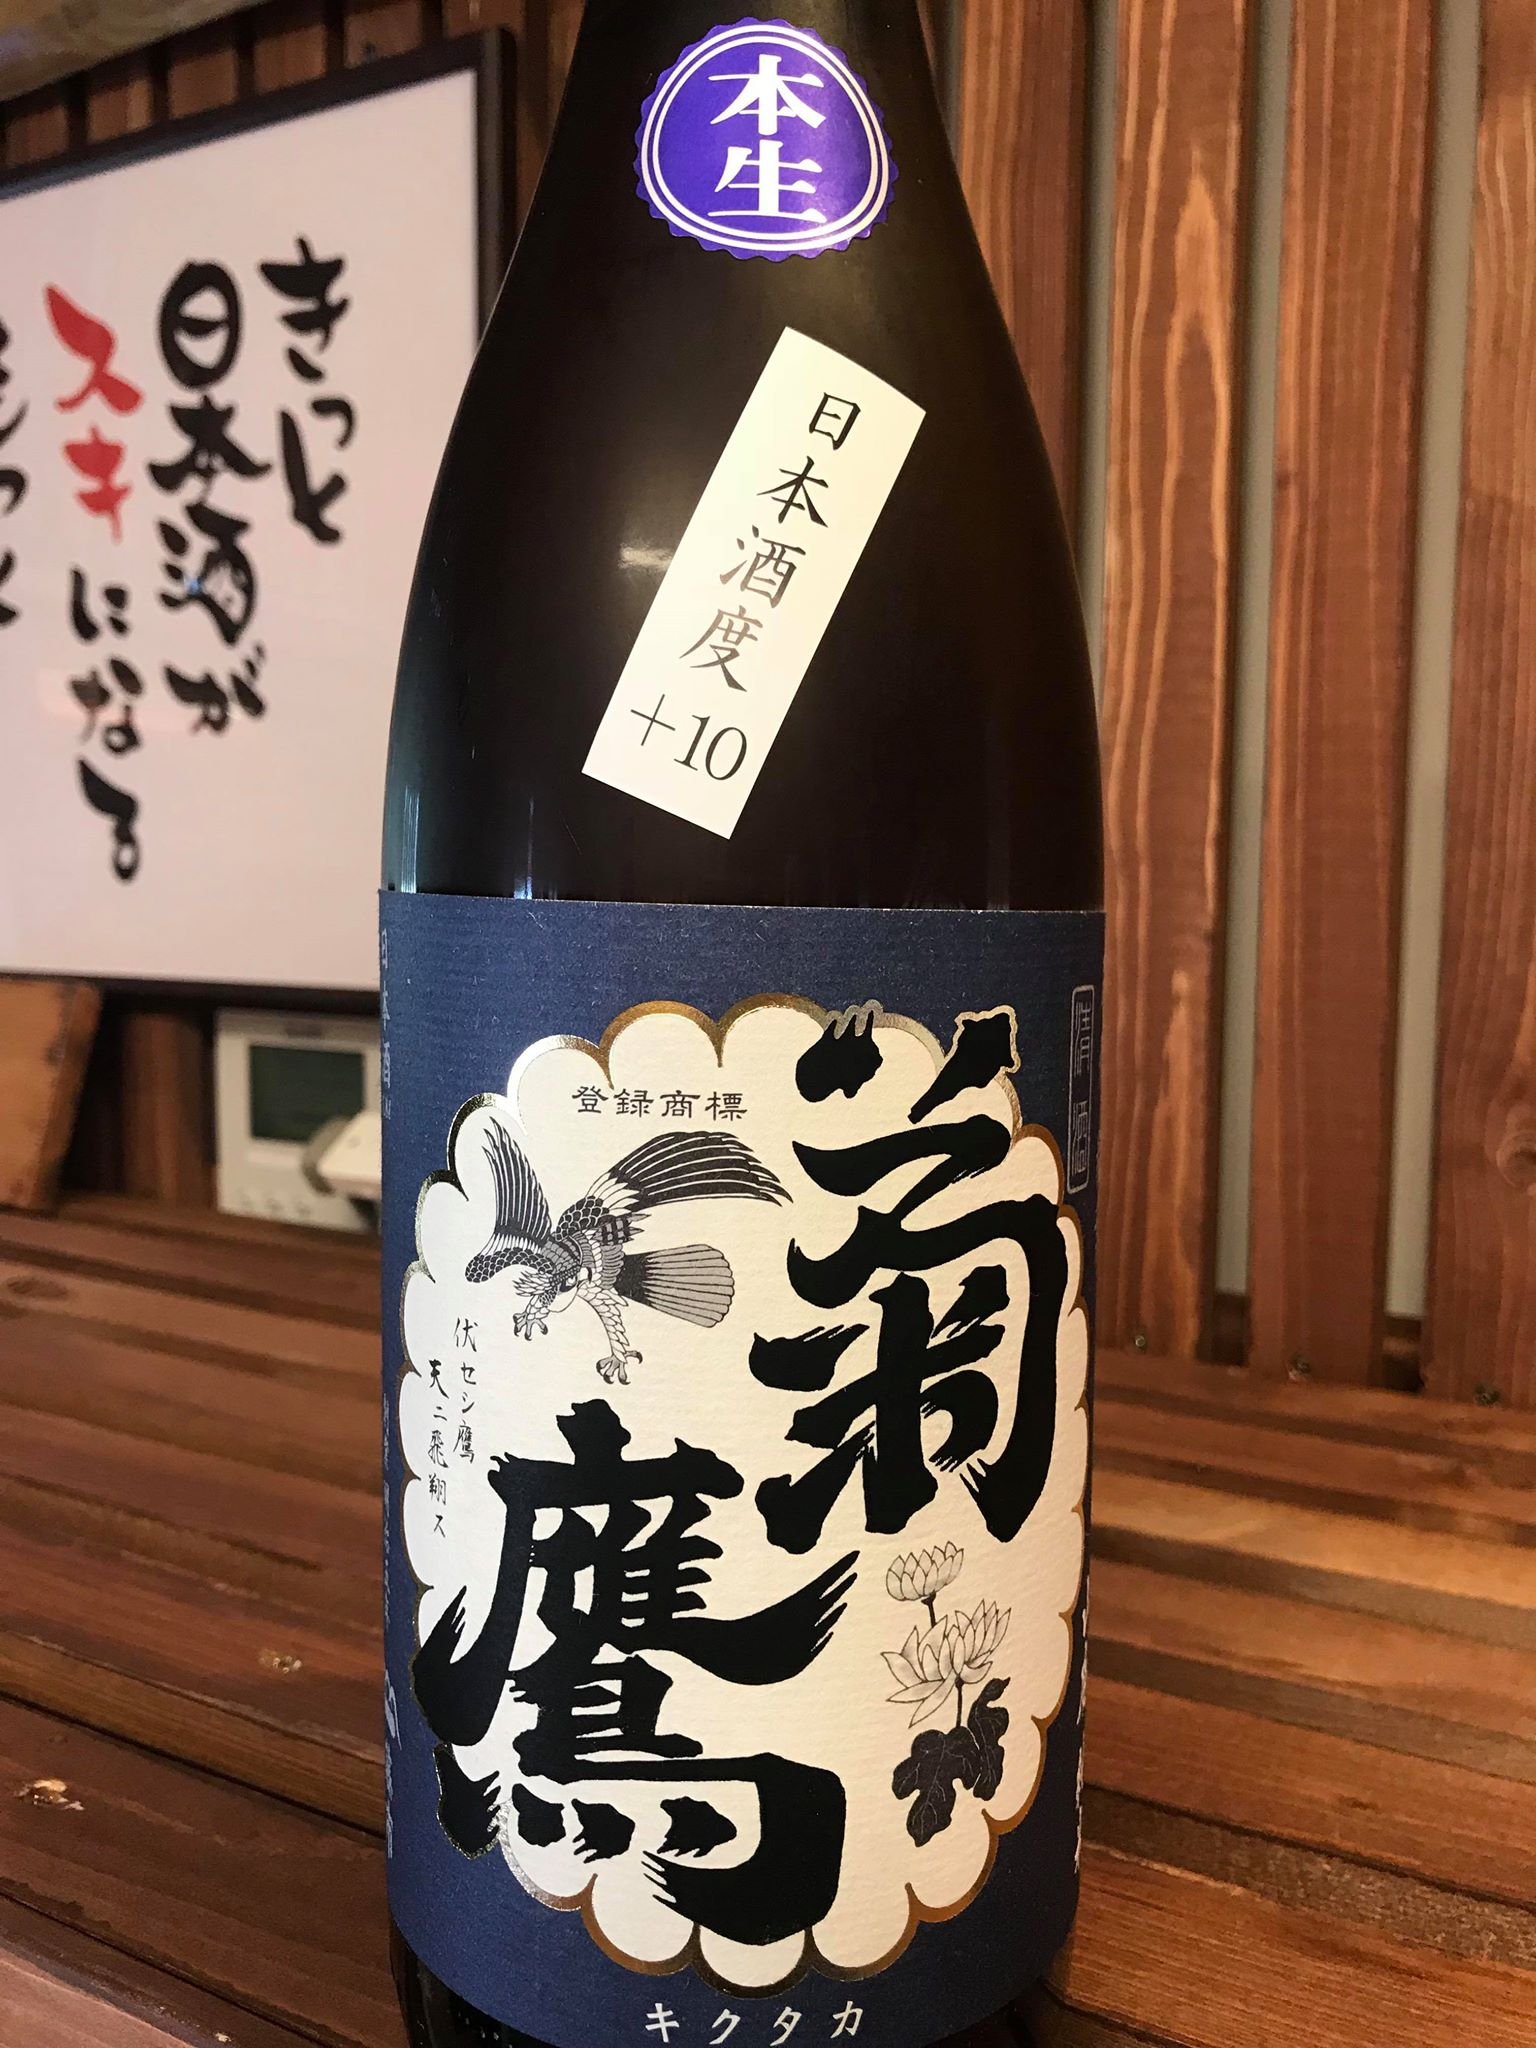 【日本酒】菊鷹 山廃 純米 雌伏 無濾過生酒 辛口+10 限定 29BY_e0173738_10153444.jpg